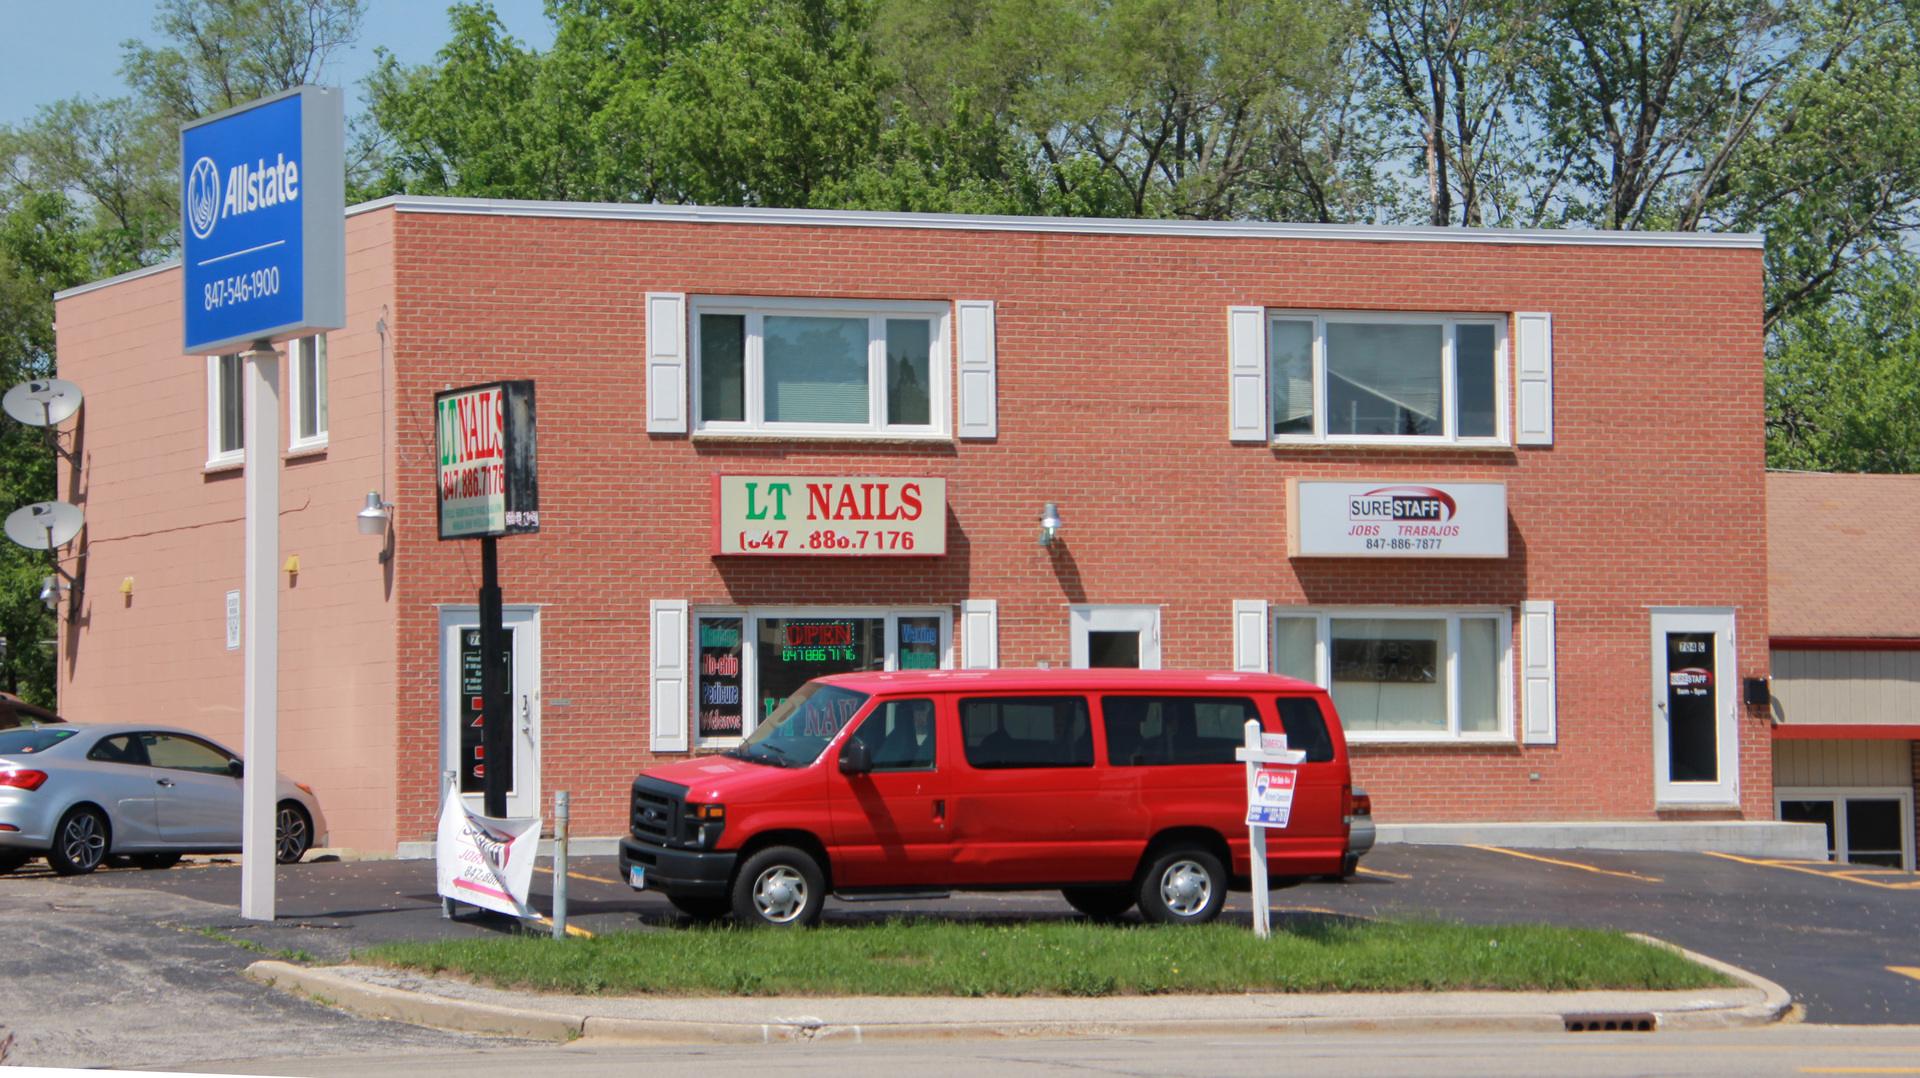 704 Rollins ,Round Lake Heights, Illinois 60073